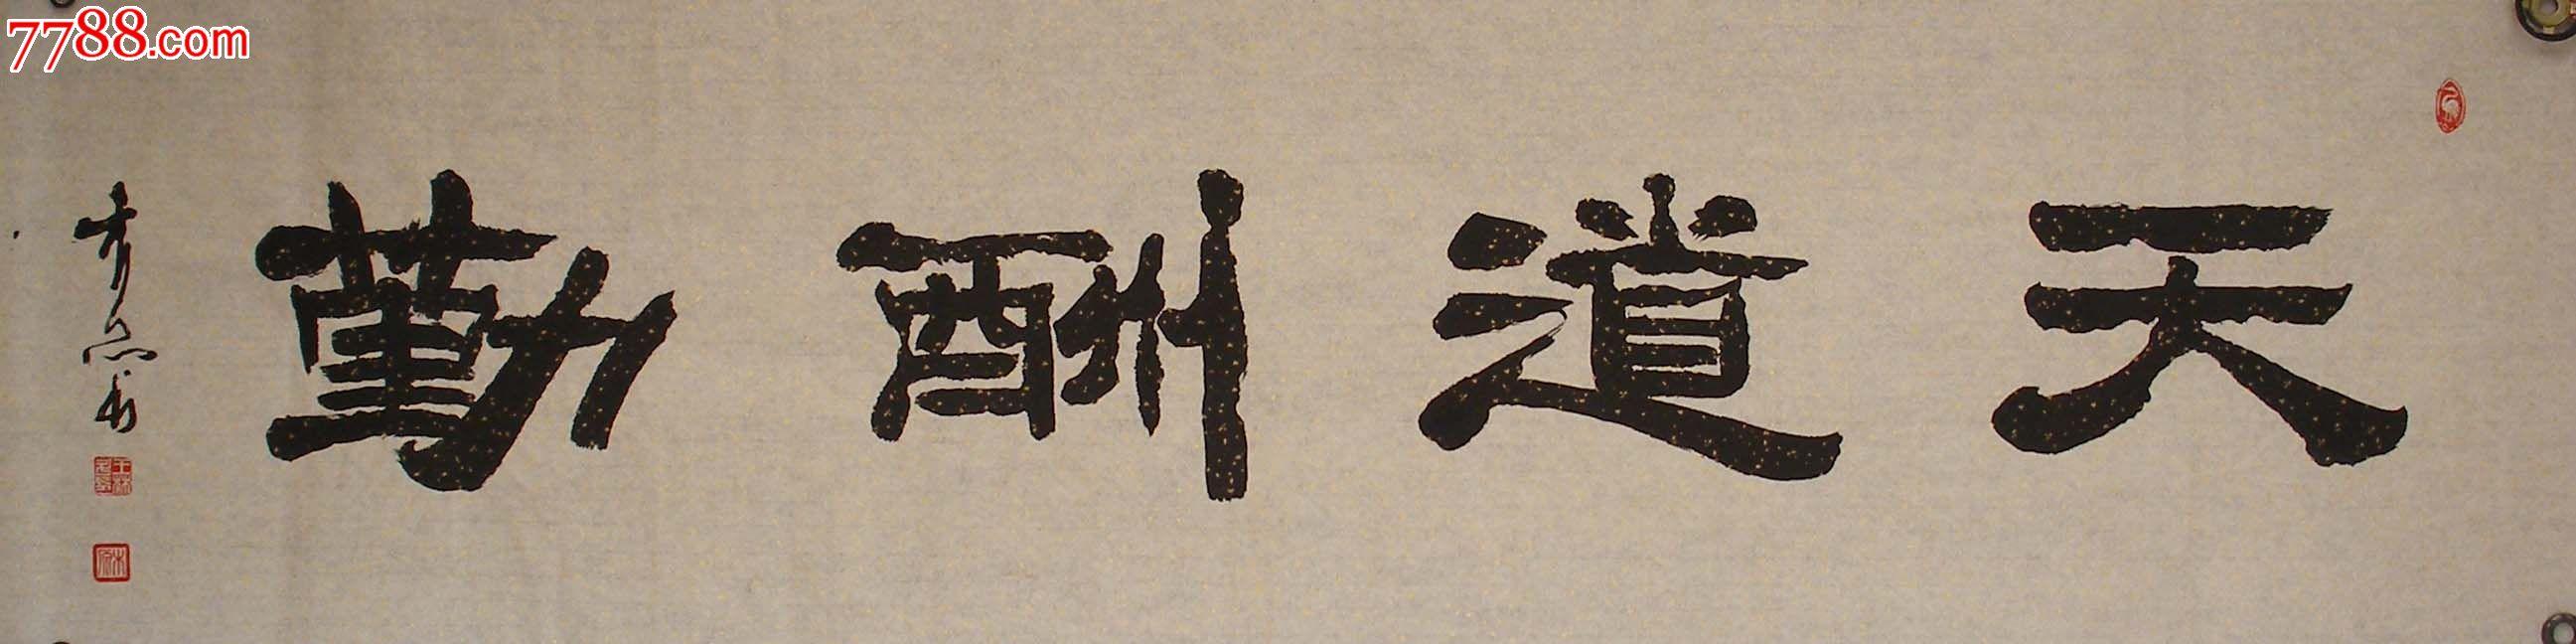 名家书法*中国书法艺术家协会理事木原先生*精品全绫裱